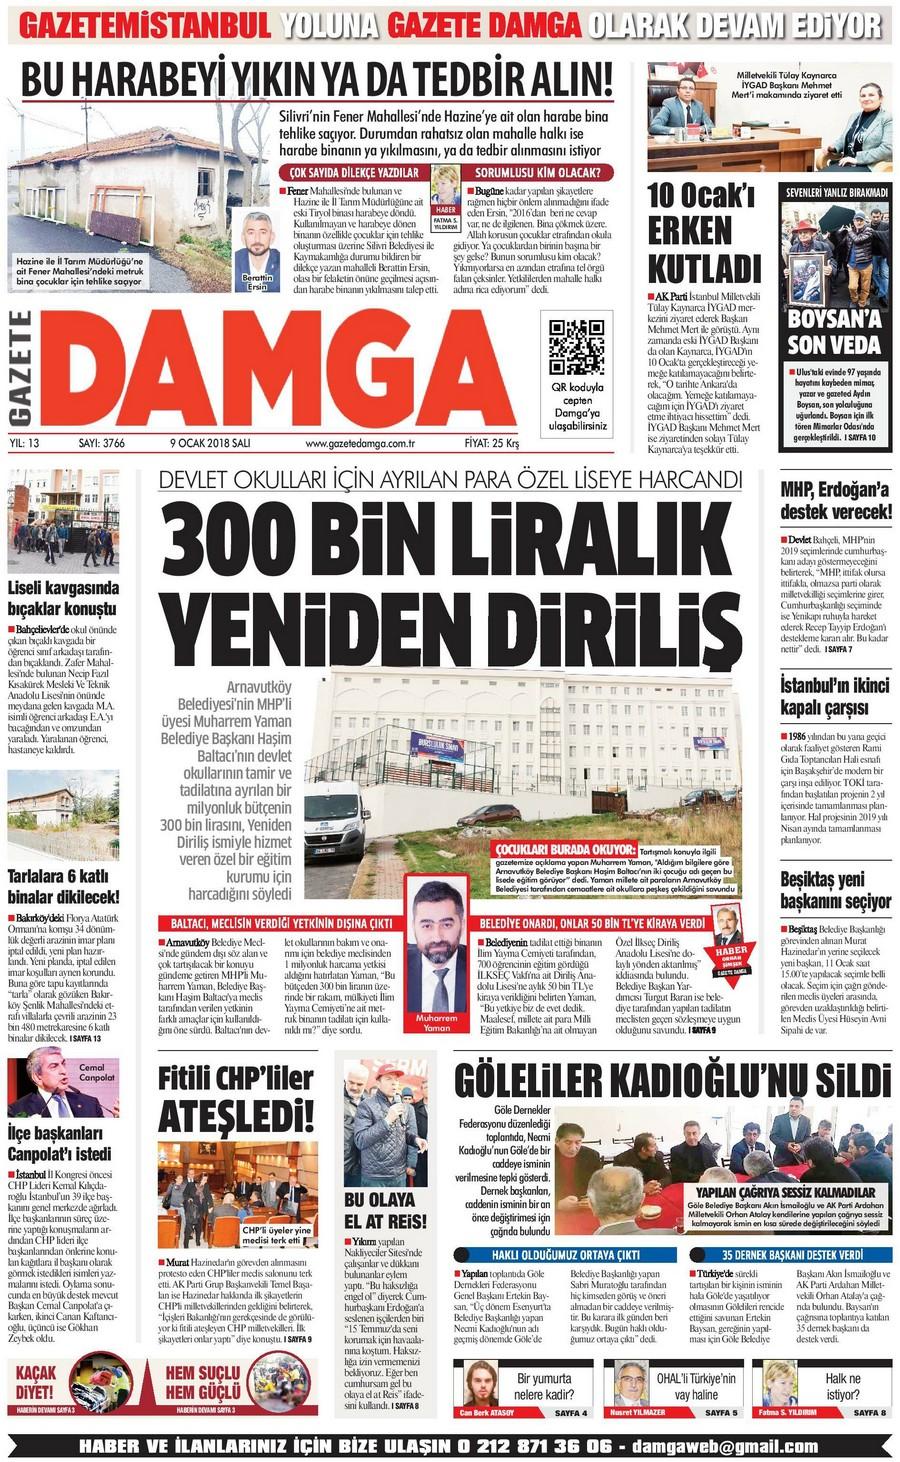 Gazete Damga - 09.01.2018 Manşeti